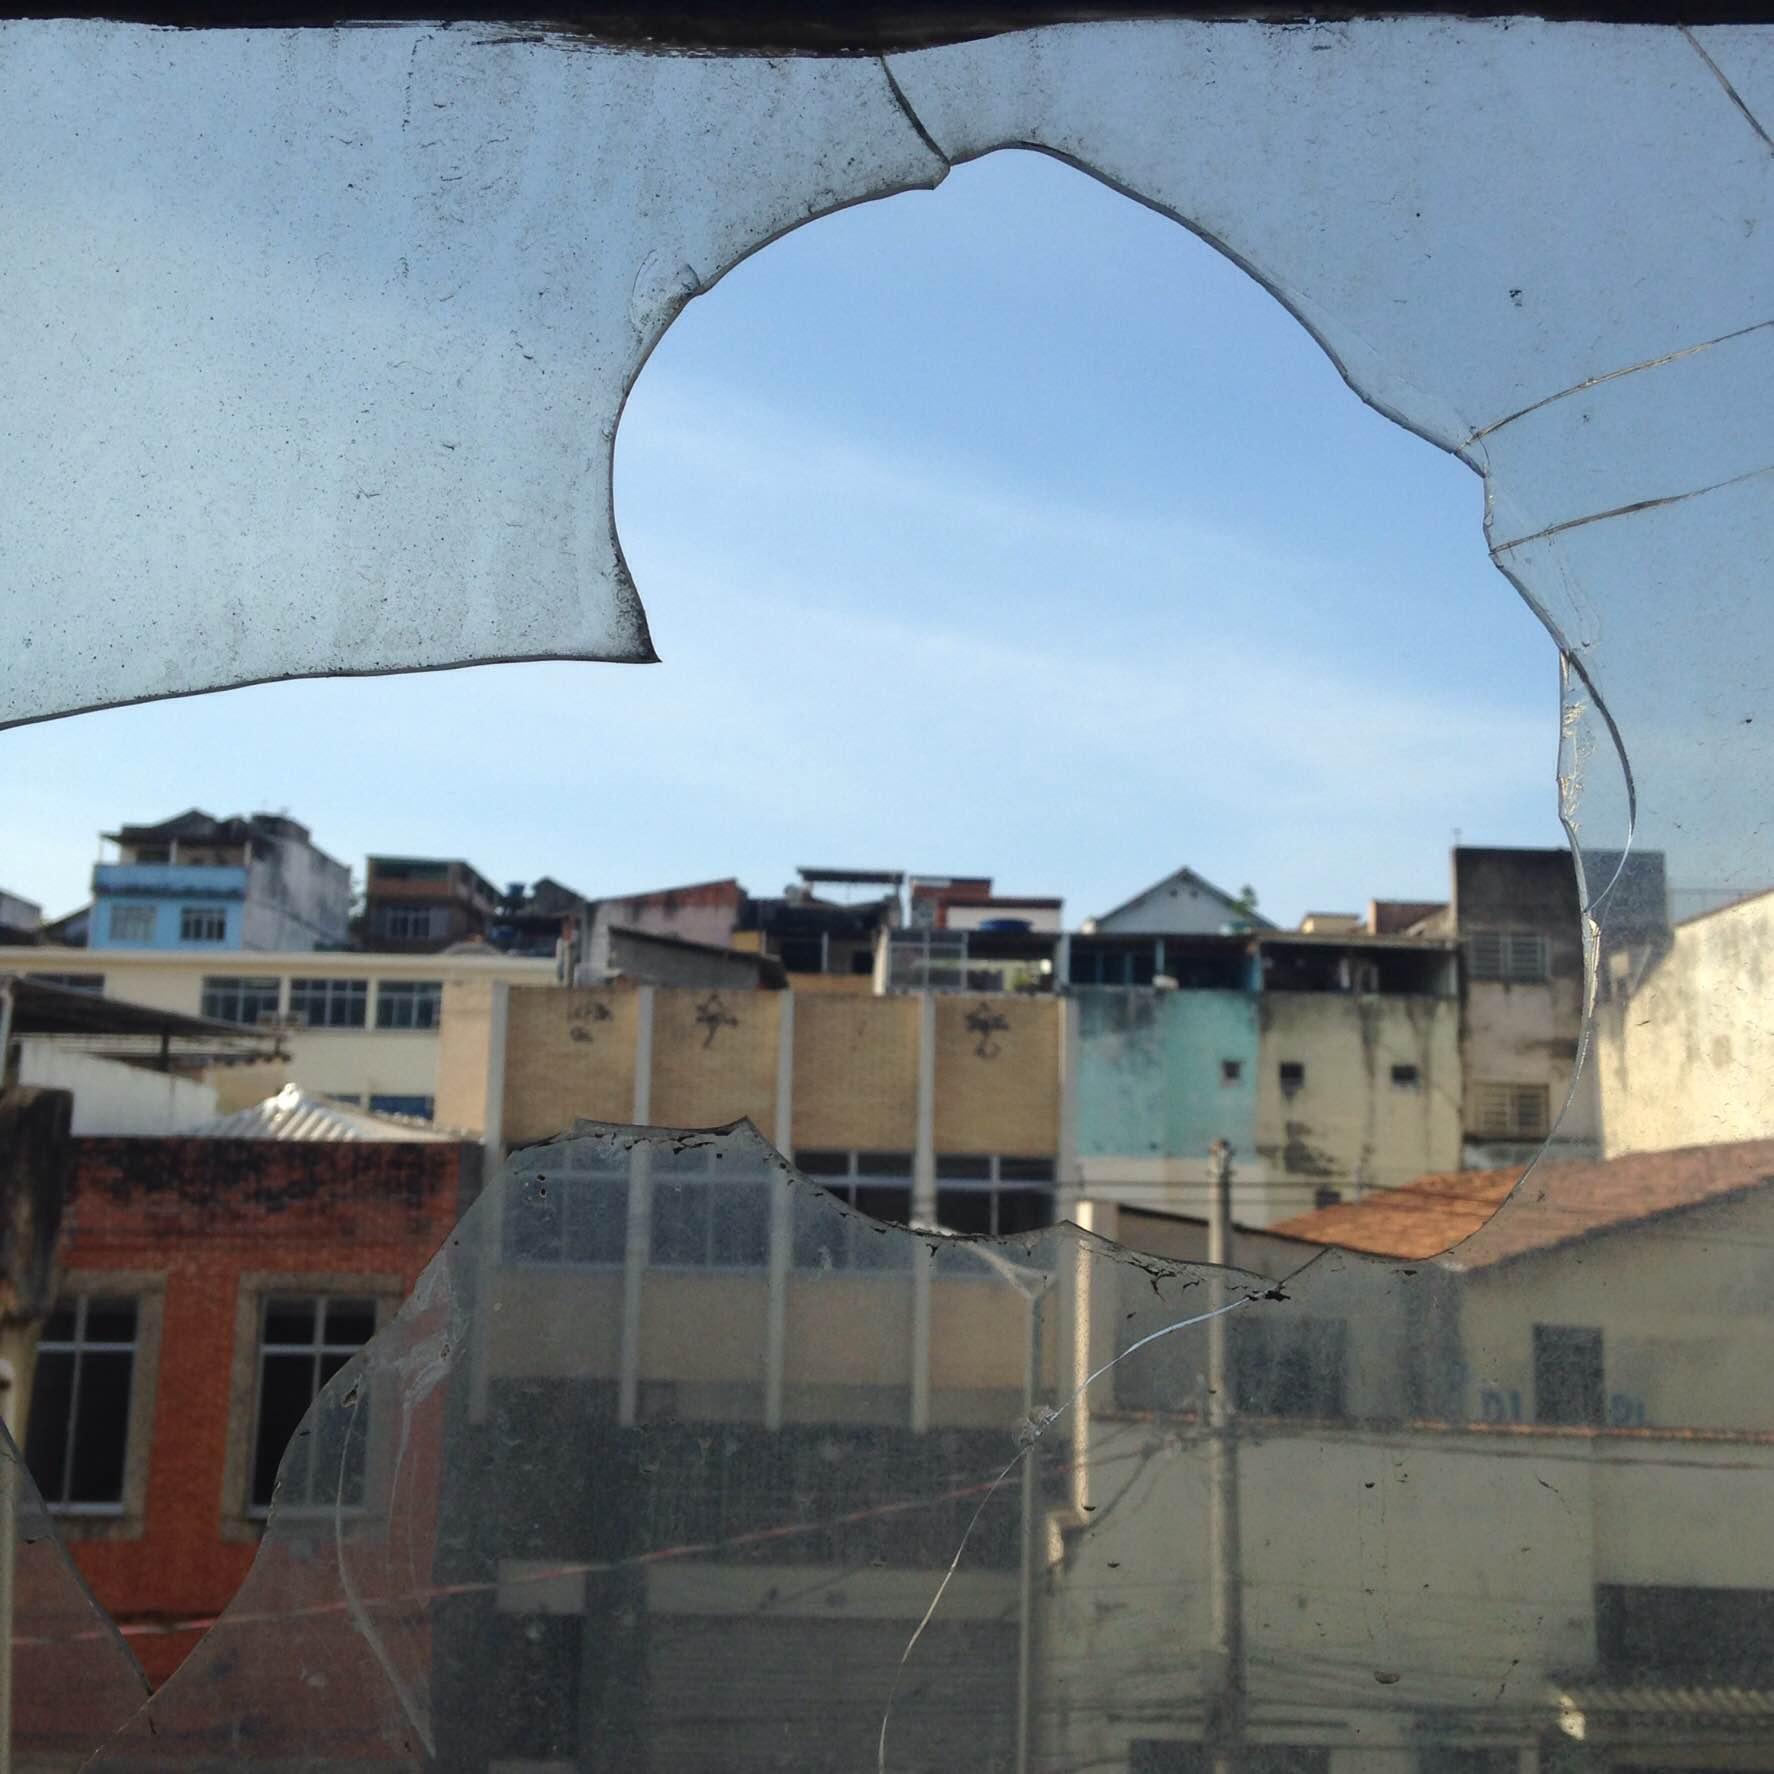 Zona Imaginária e sua janela quebrada. Crédito: Bolívar Torres